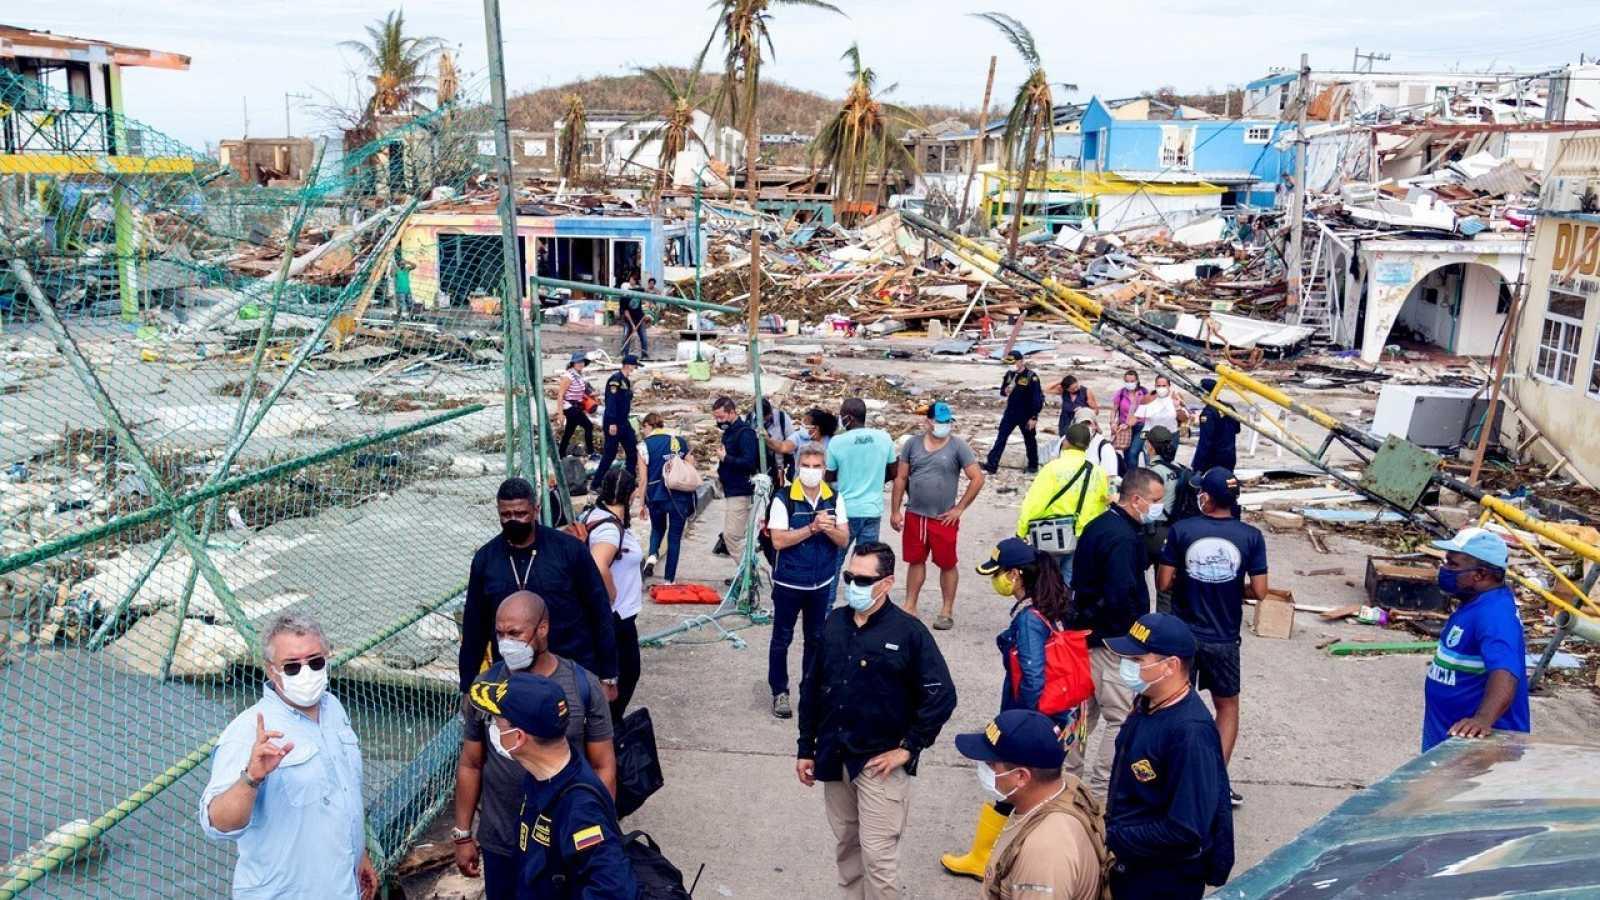 El presidente de Colombia visita la devastada isla de Providencia (Colombia) este martes